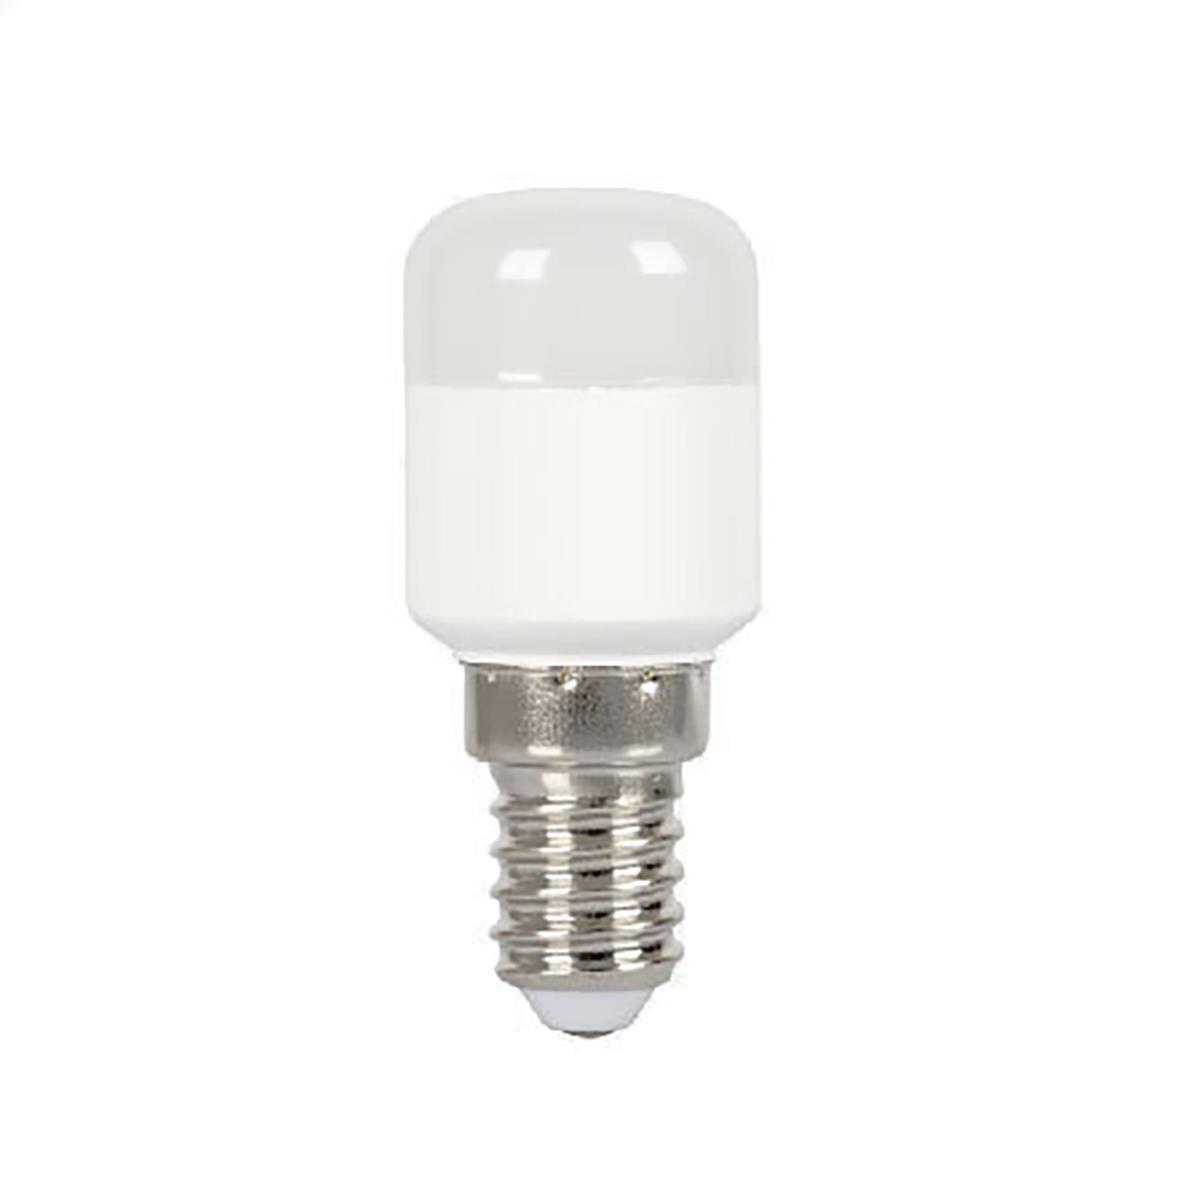 LED lampa GE E27 Classic Opalvit ej dimbar | AllOffice